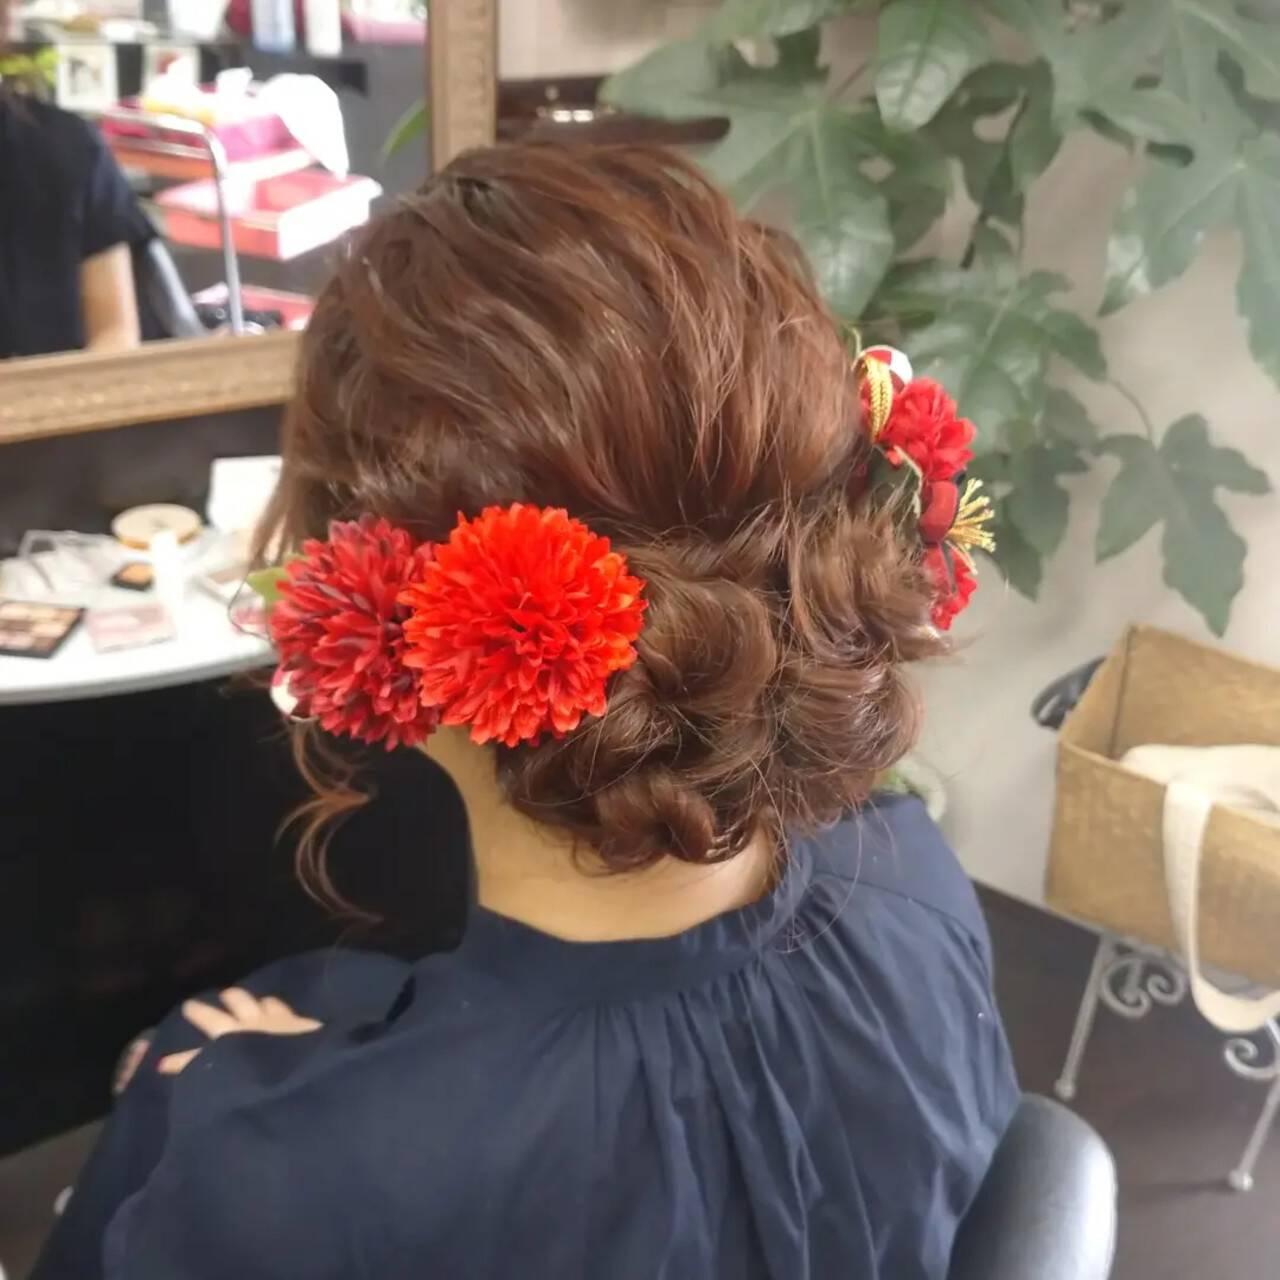 ヘアセット 成人式ヘア ナチュラル ふわふわヘアアレンジヘアスタイルや髪型の写真・画像